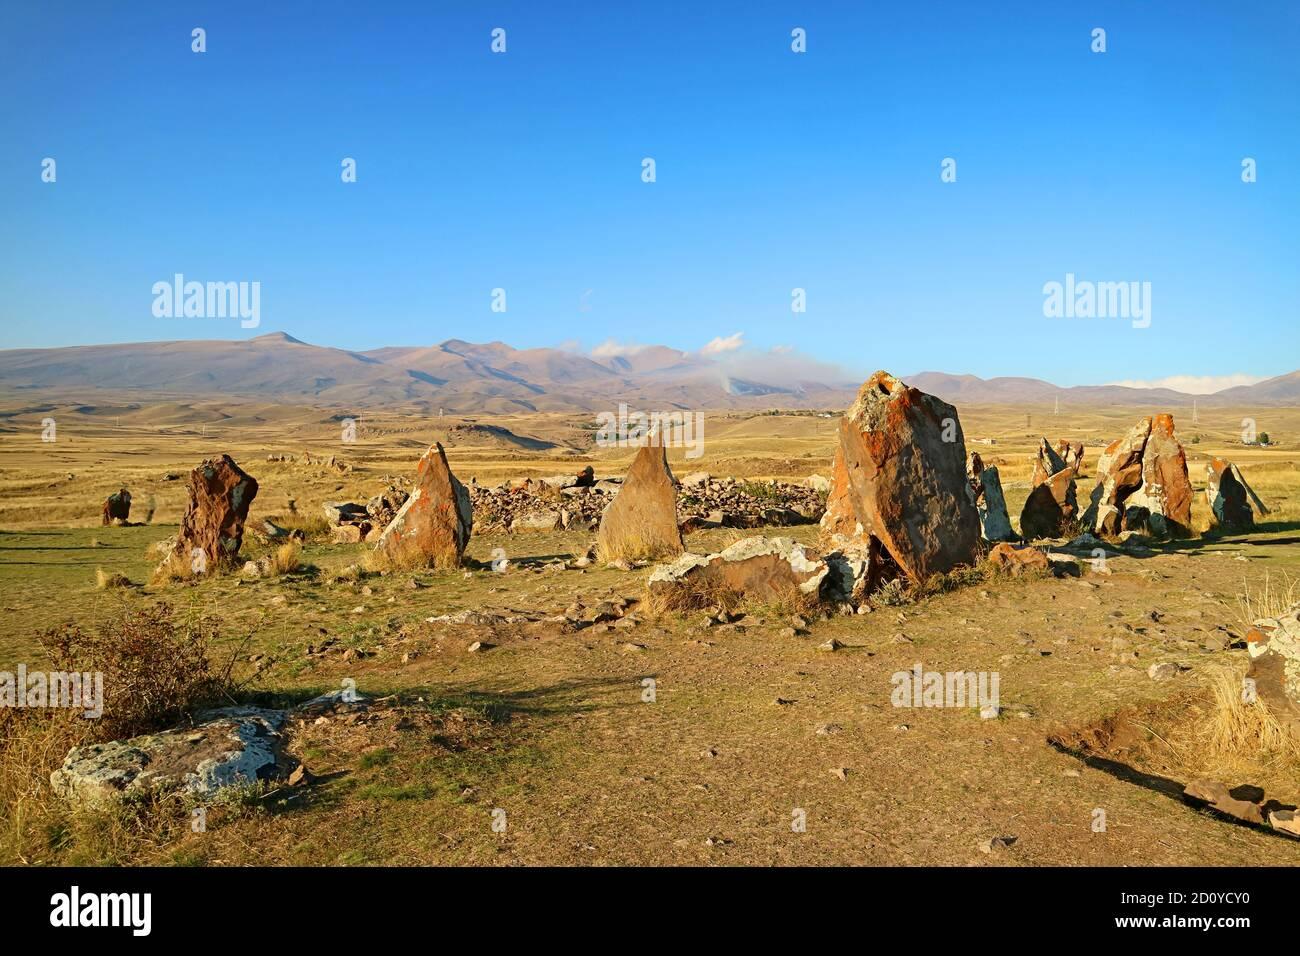 El Círculo Central de Carahunge, también llamado Stonehenge armenio, un sitio arqueológico prehistórico en la provincia de Syunik de Armenia Foto de stock